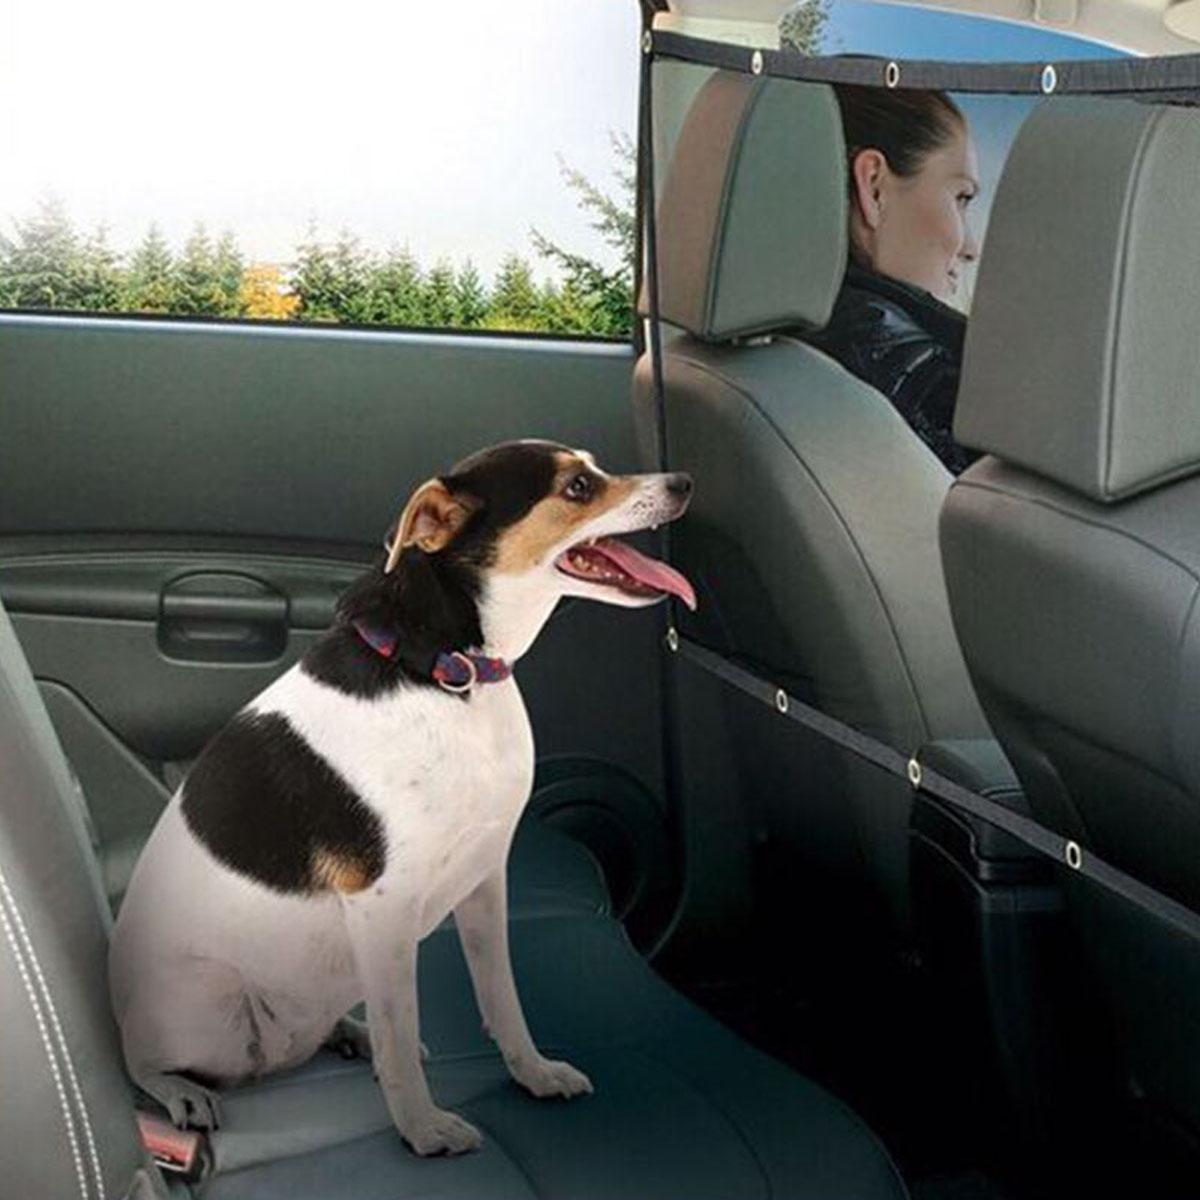 [해외]튼튼한 유니버설 애완 동물 강아지 그물 자동차 안전 개 배리어 메쉬 프로텍터 XR657/Durable Universal Pet Dog Net Car Safety Dog Barrier Mesh Protector      XR657